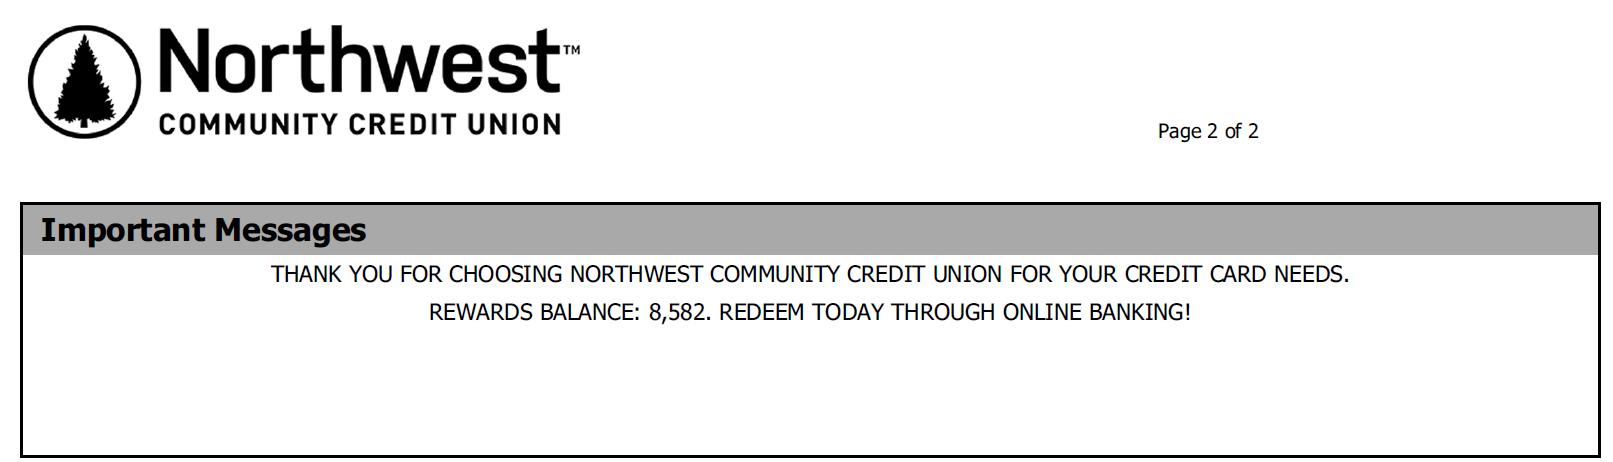 Rewards Points on credit card Statement